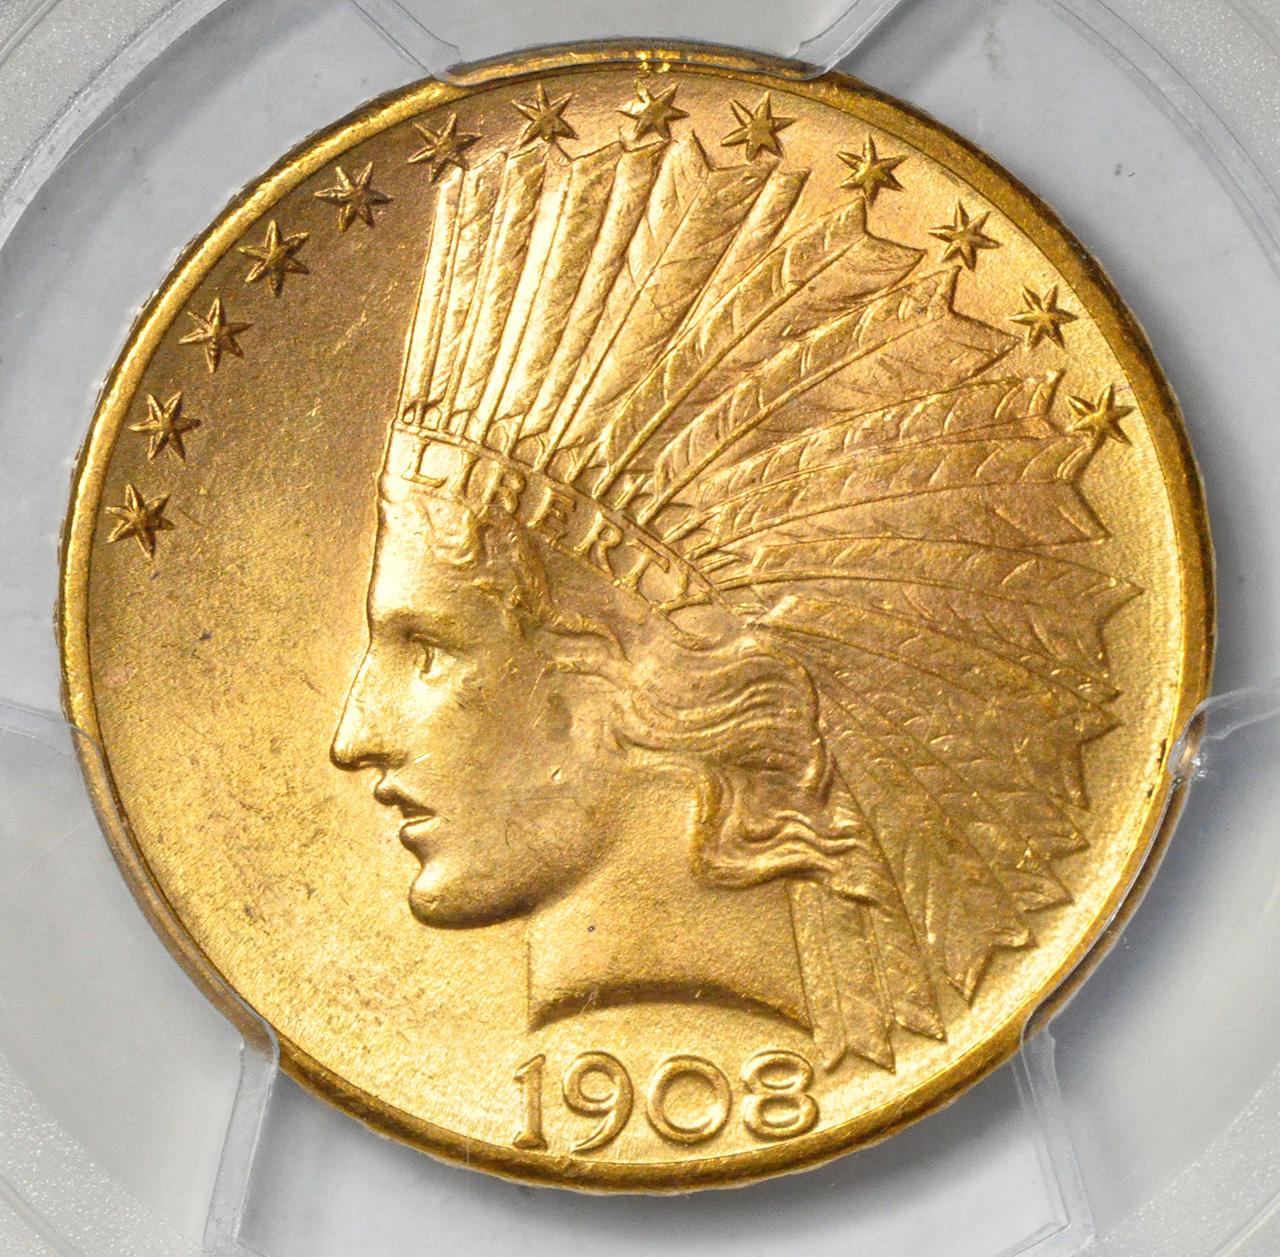 アメリカ 10ドル金貨インディアンヘッド1908-D MOTTO $10 PCGS MS64